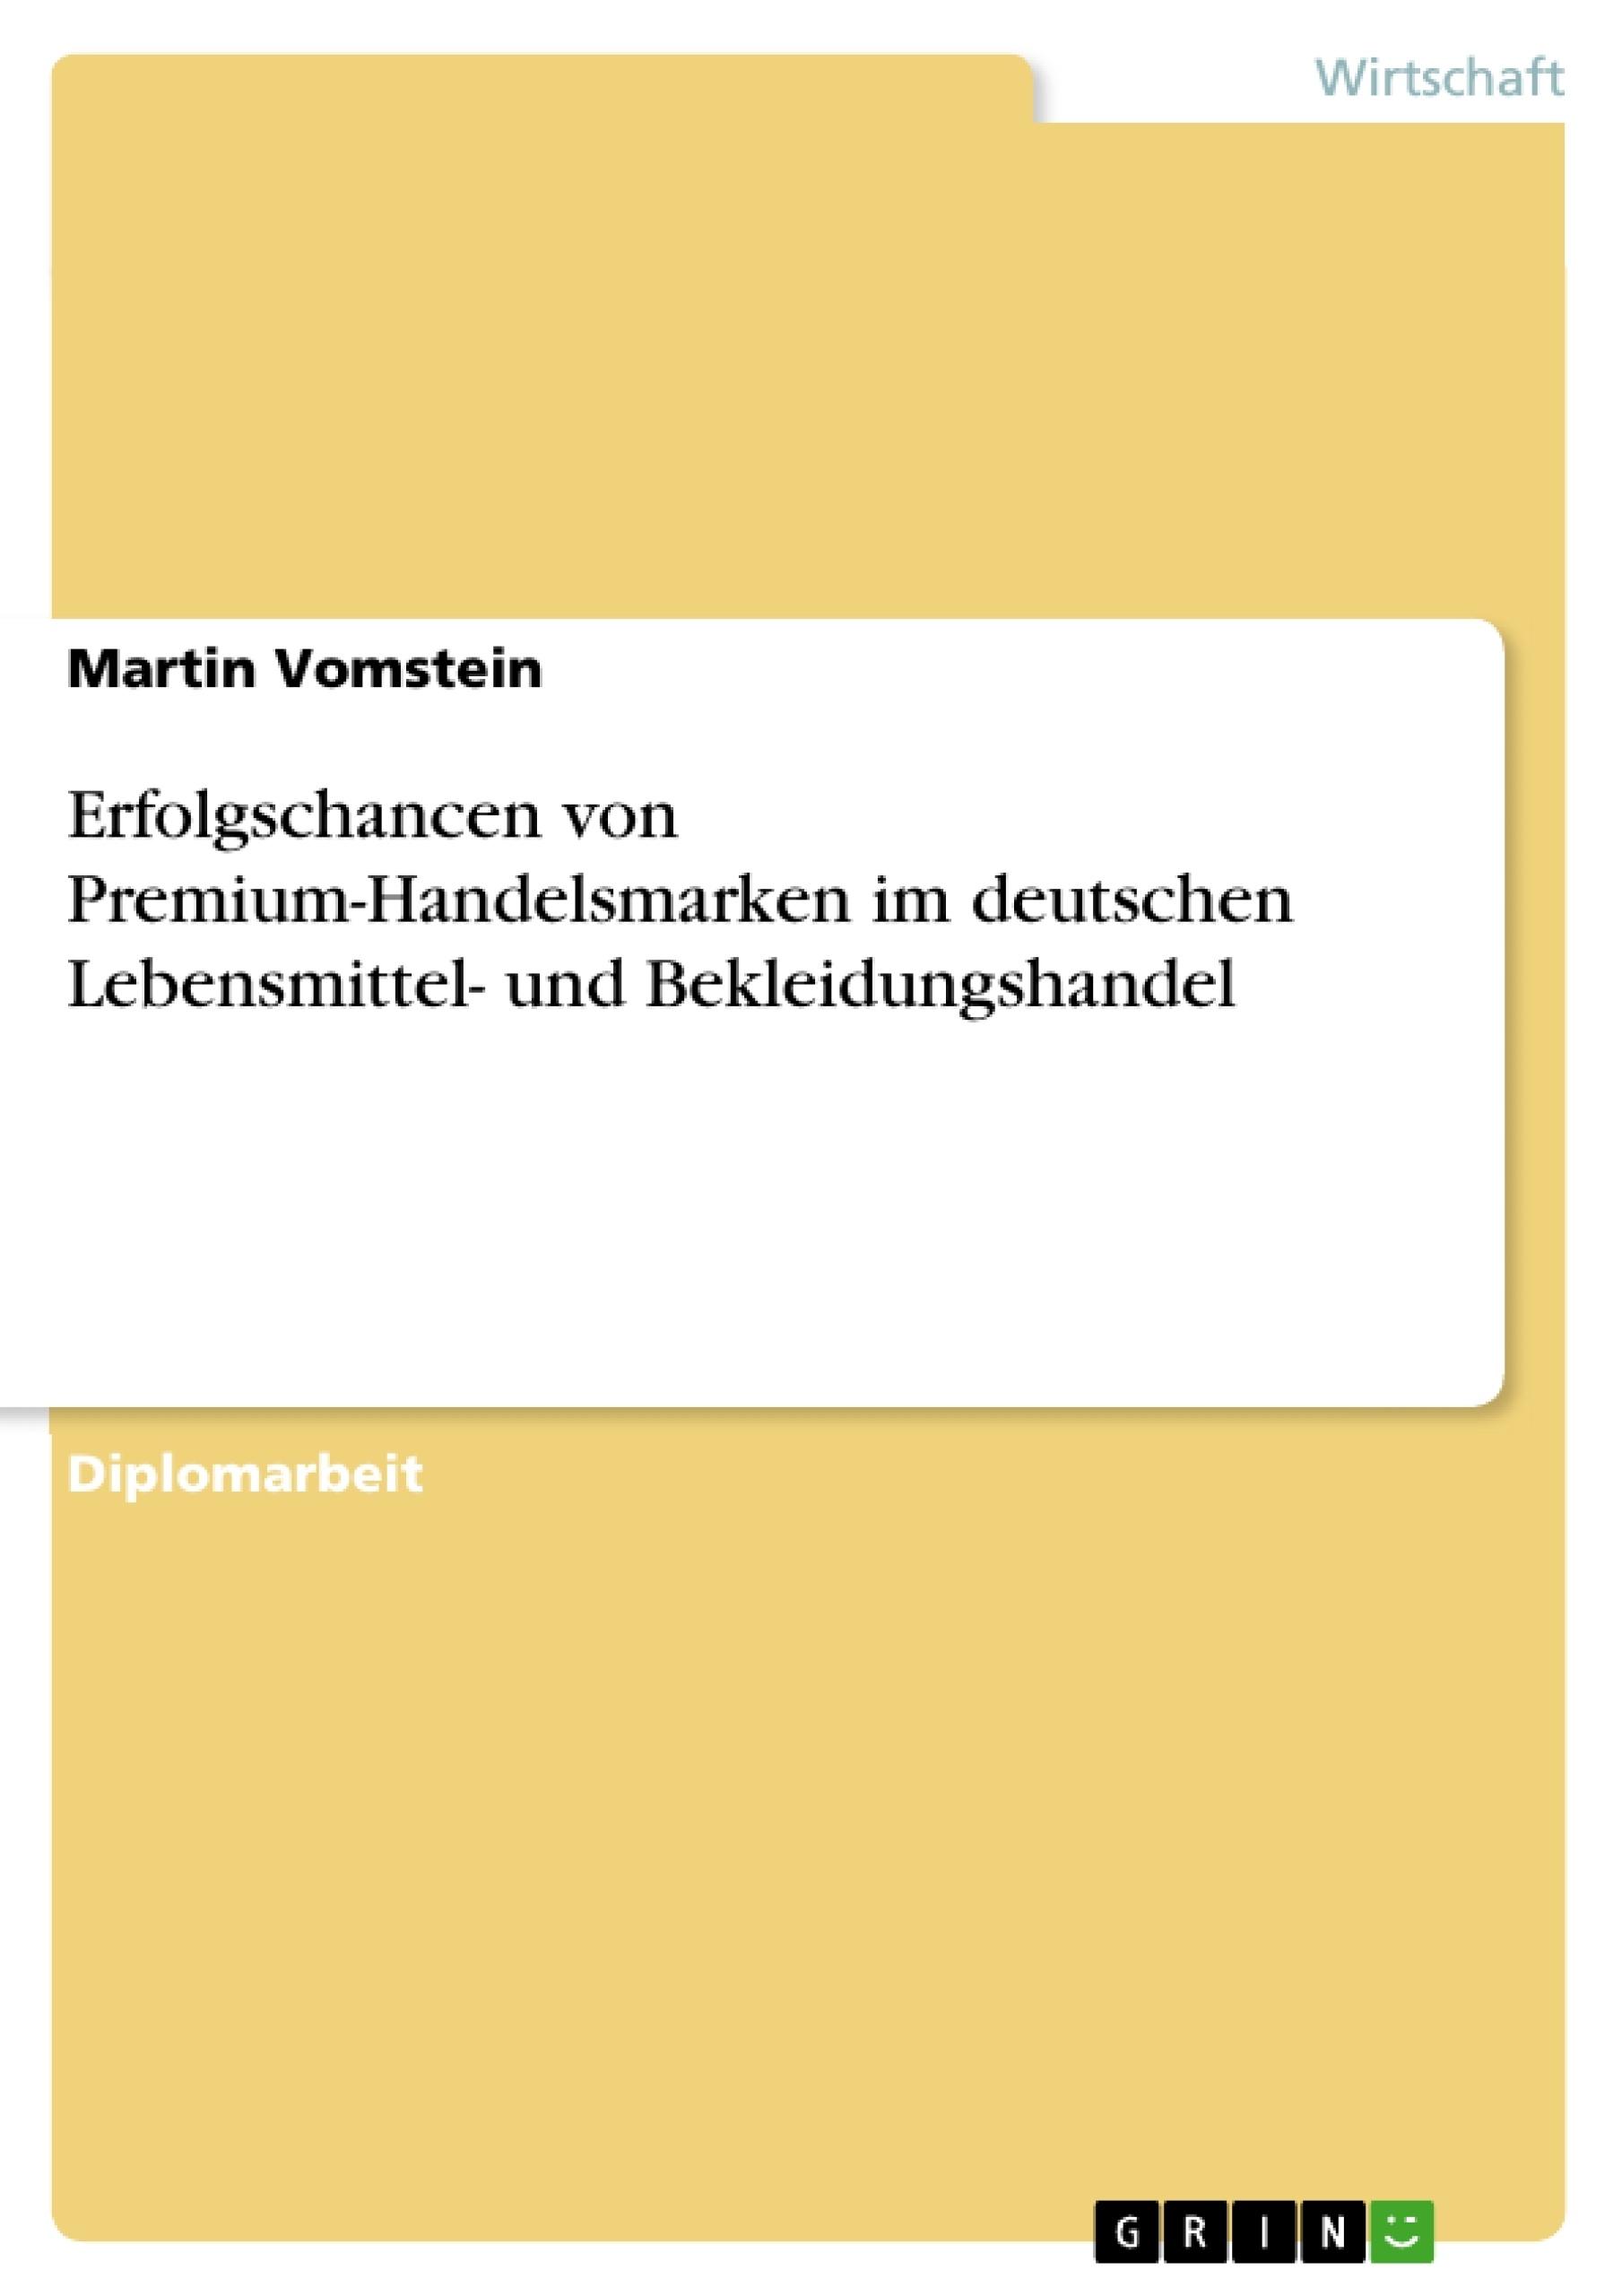 Titel: Erfolgschancen von Premium-Handelsmarken im deutschen Lebensmittel- und Bekleidungshandel